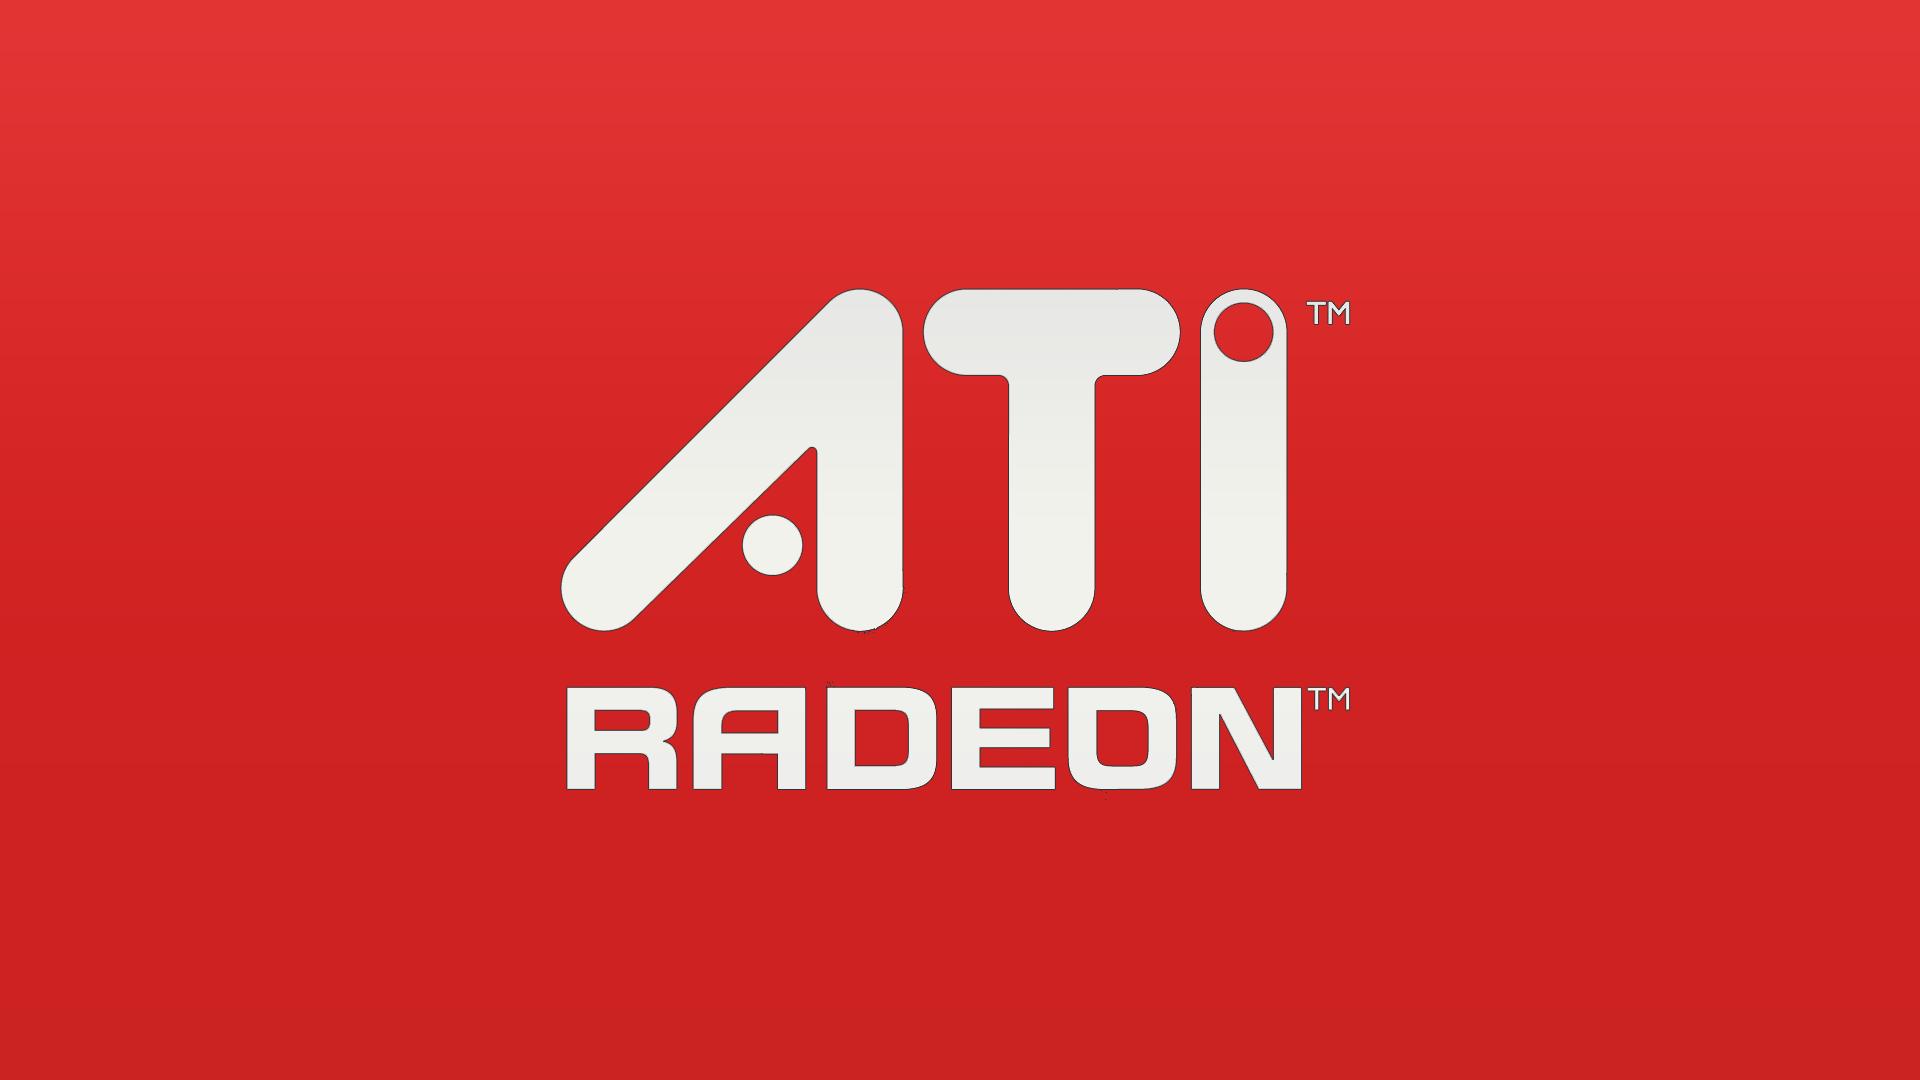 ATI Radeon Wallpaper 1920x1080 ATI Radeon Logos 1920x1080